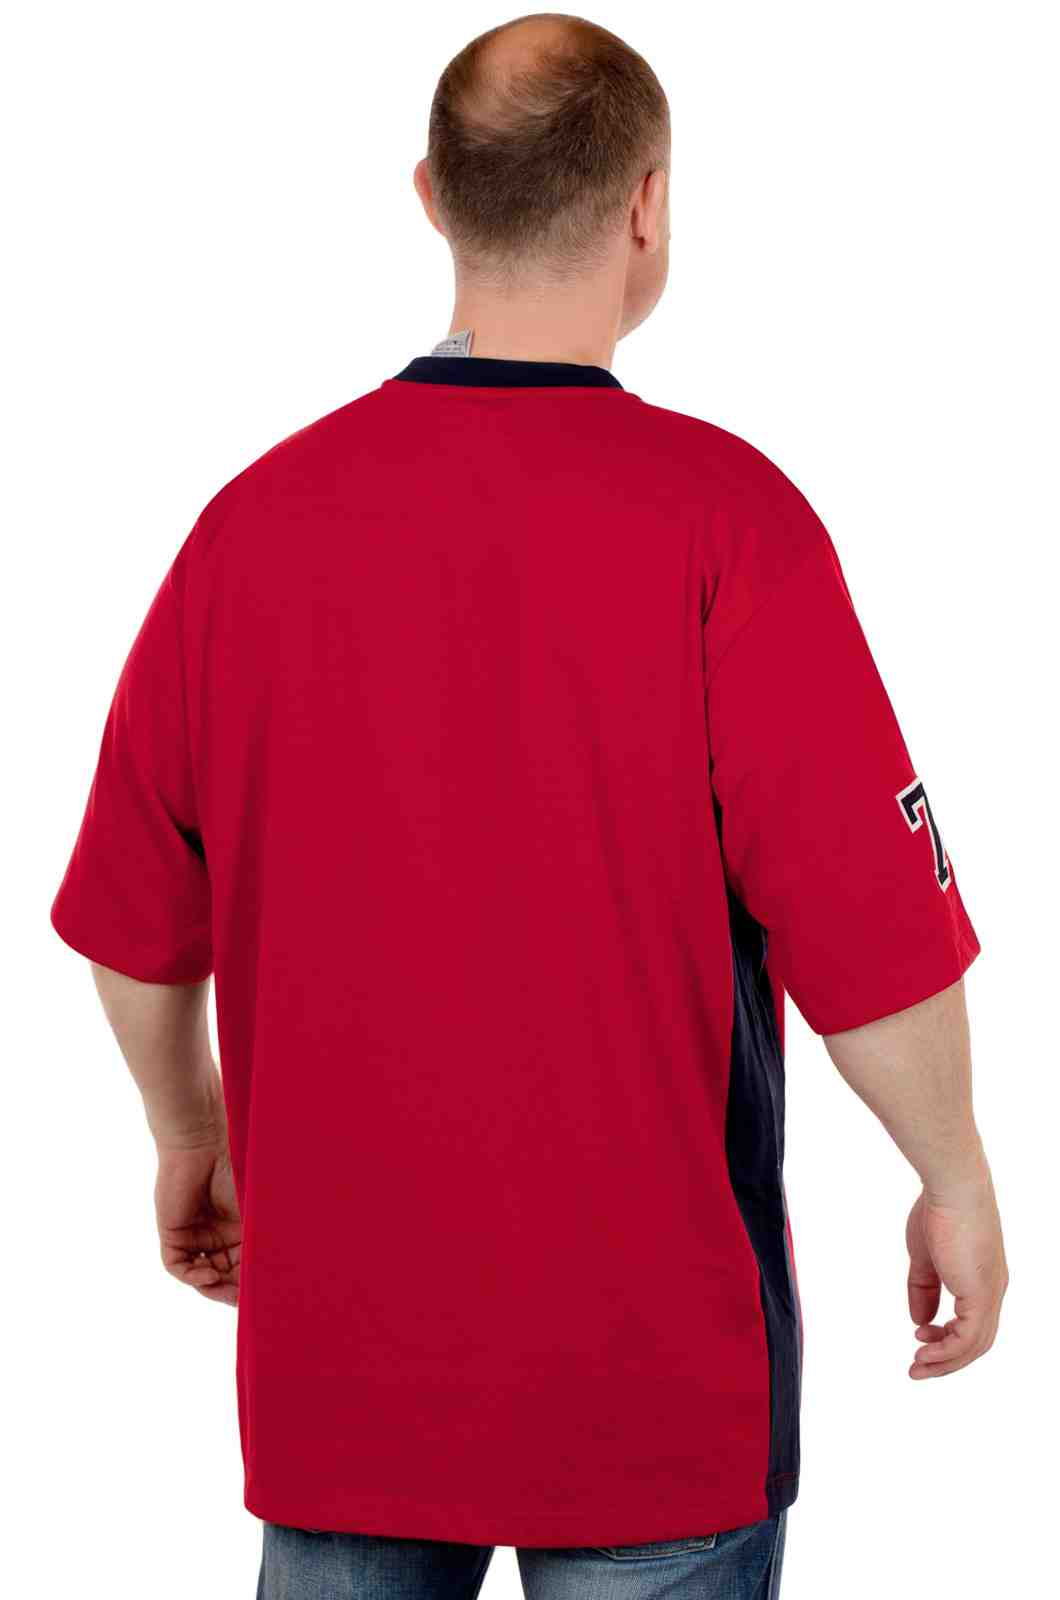 Свободная спортивная футболка для мужчин с доставкой